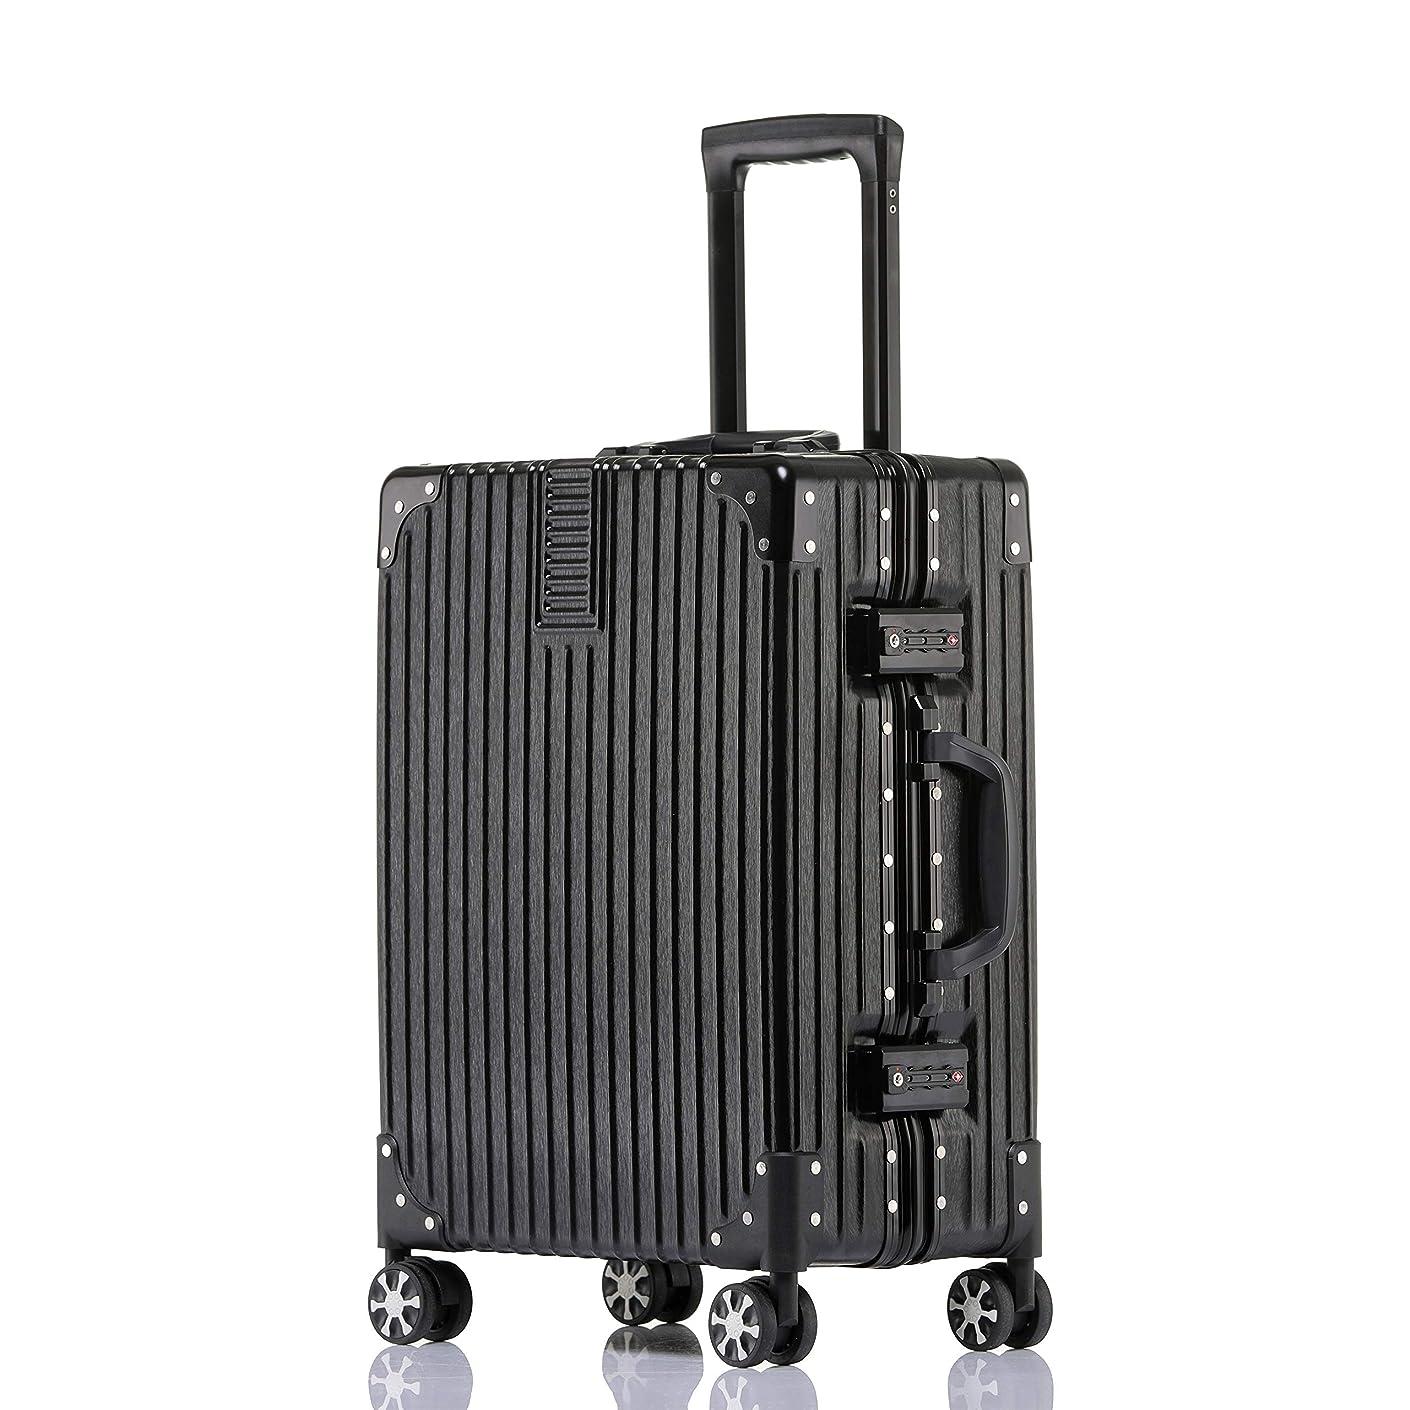 ぼろ混乱させる擬人ビルガセ(Vilgazz) スーツケース アルミフレーム 軽量 キャリーケース 耐衝撃 キャリーケース 機内持込 キャリーバッグ 人気 大型 TSAロック付 静音 旅行出張 ヘアライン仕上げ 1年保証